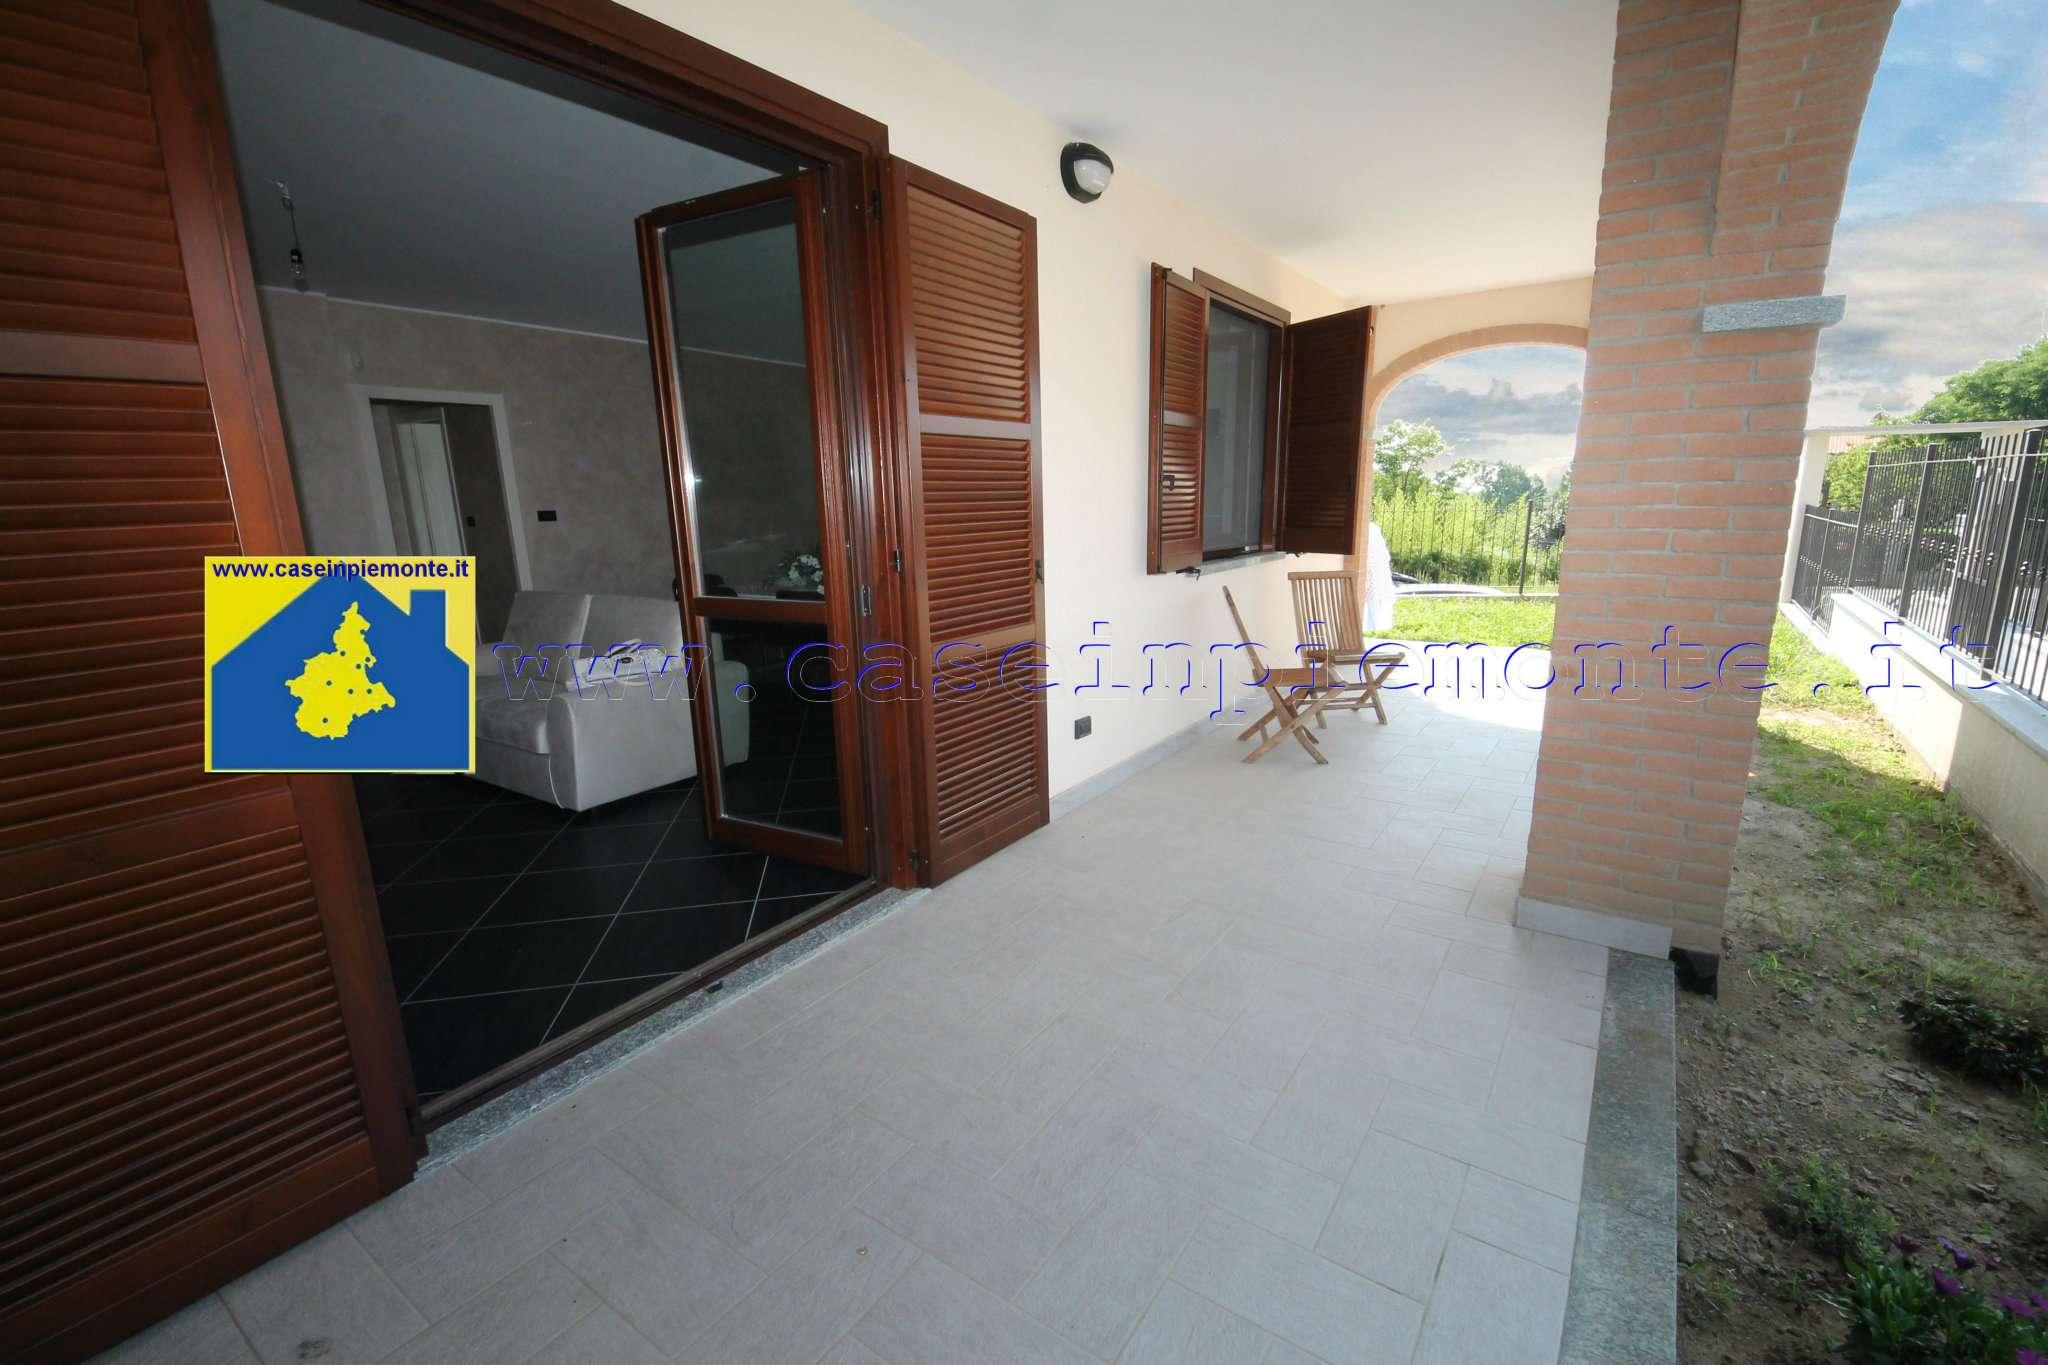 Appartamento in vendita a Givoletto, 3 locali, prezzo € 200.000 | CambioCasa.it